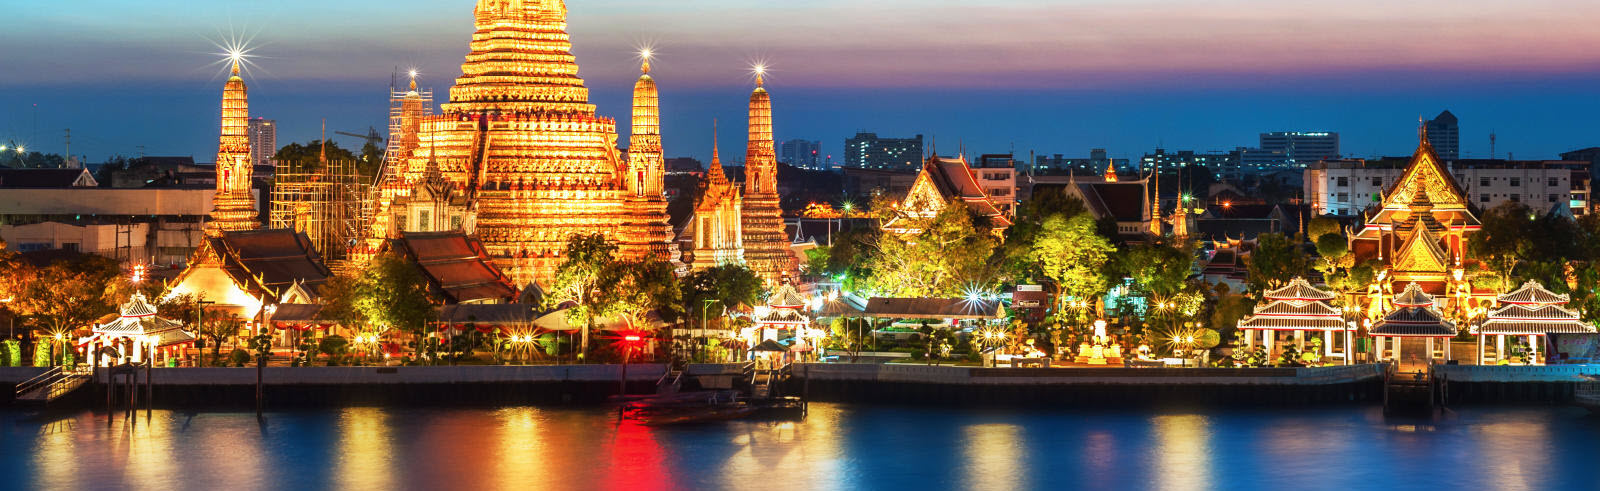 shutterstock-bangkok-thailand